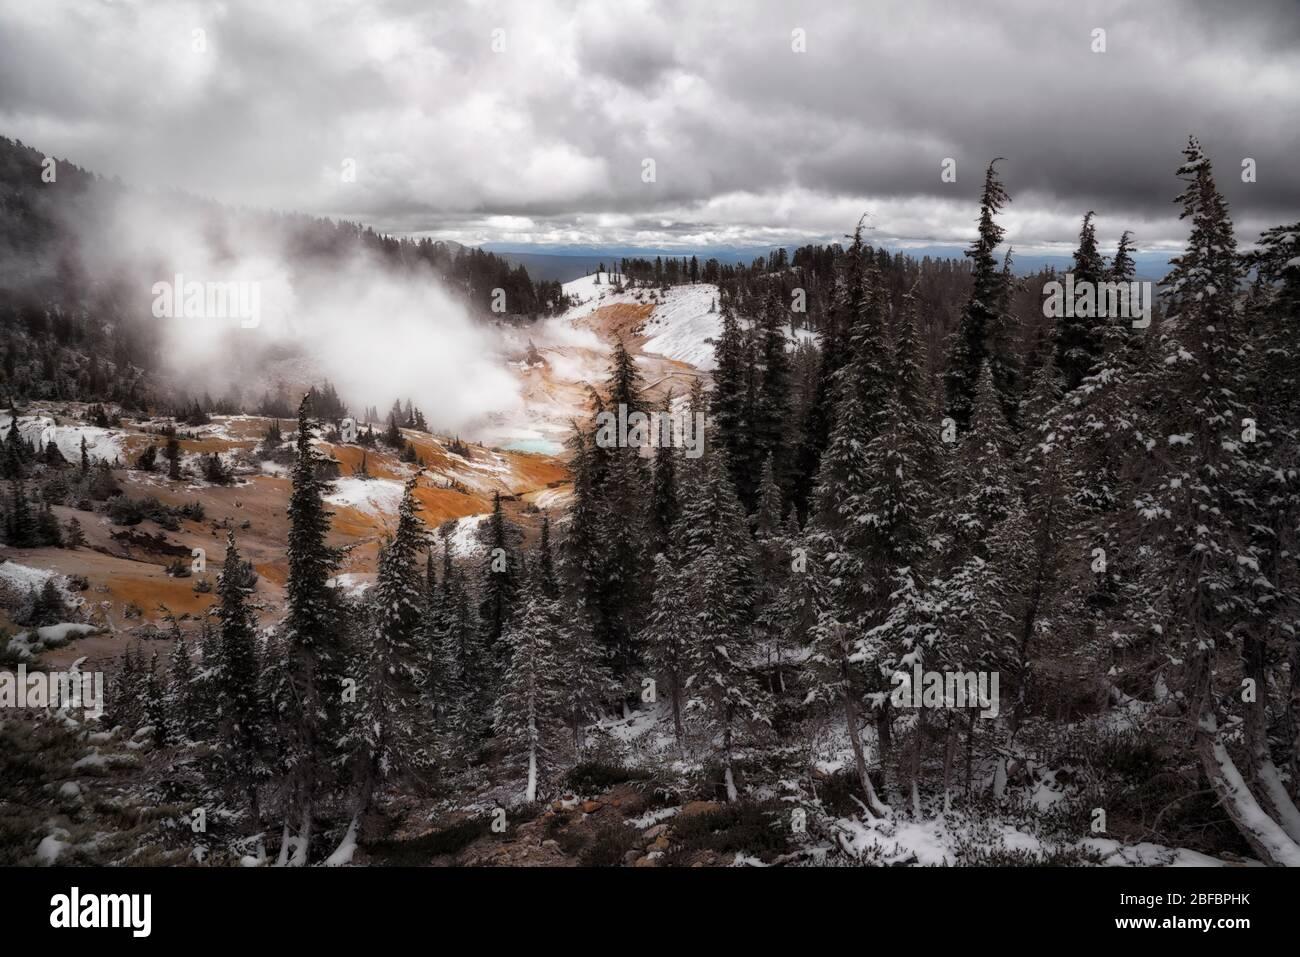 La vapeur s'élève des nombreuses caractéristiques géothermiques du bassin de l'Enfer de Bumpass du parc national volcanique de Lassen en Californie. Banque D'Images